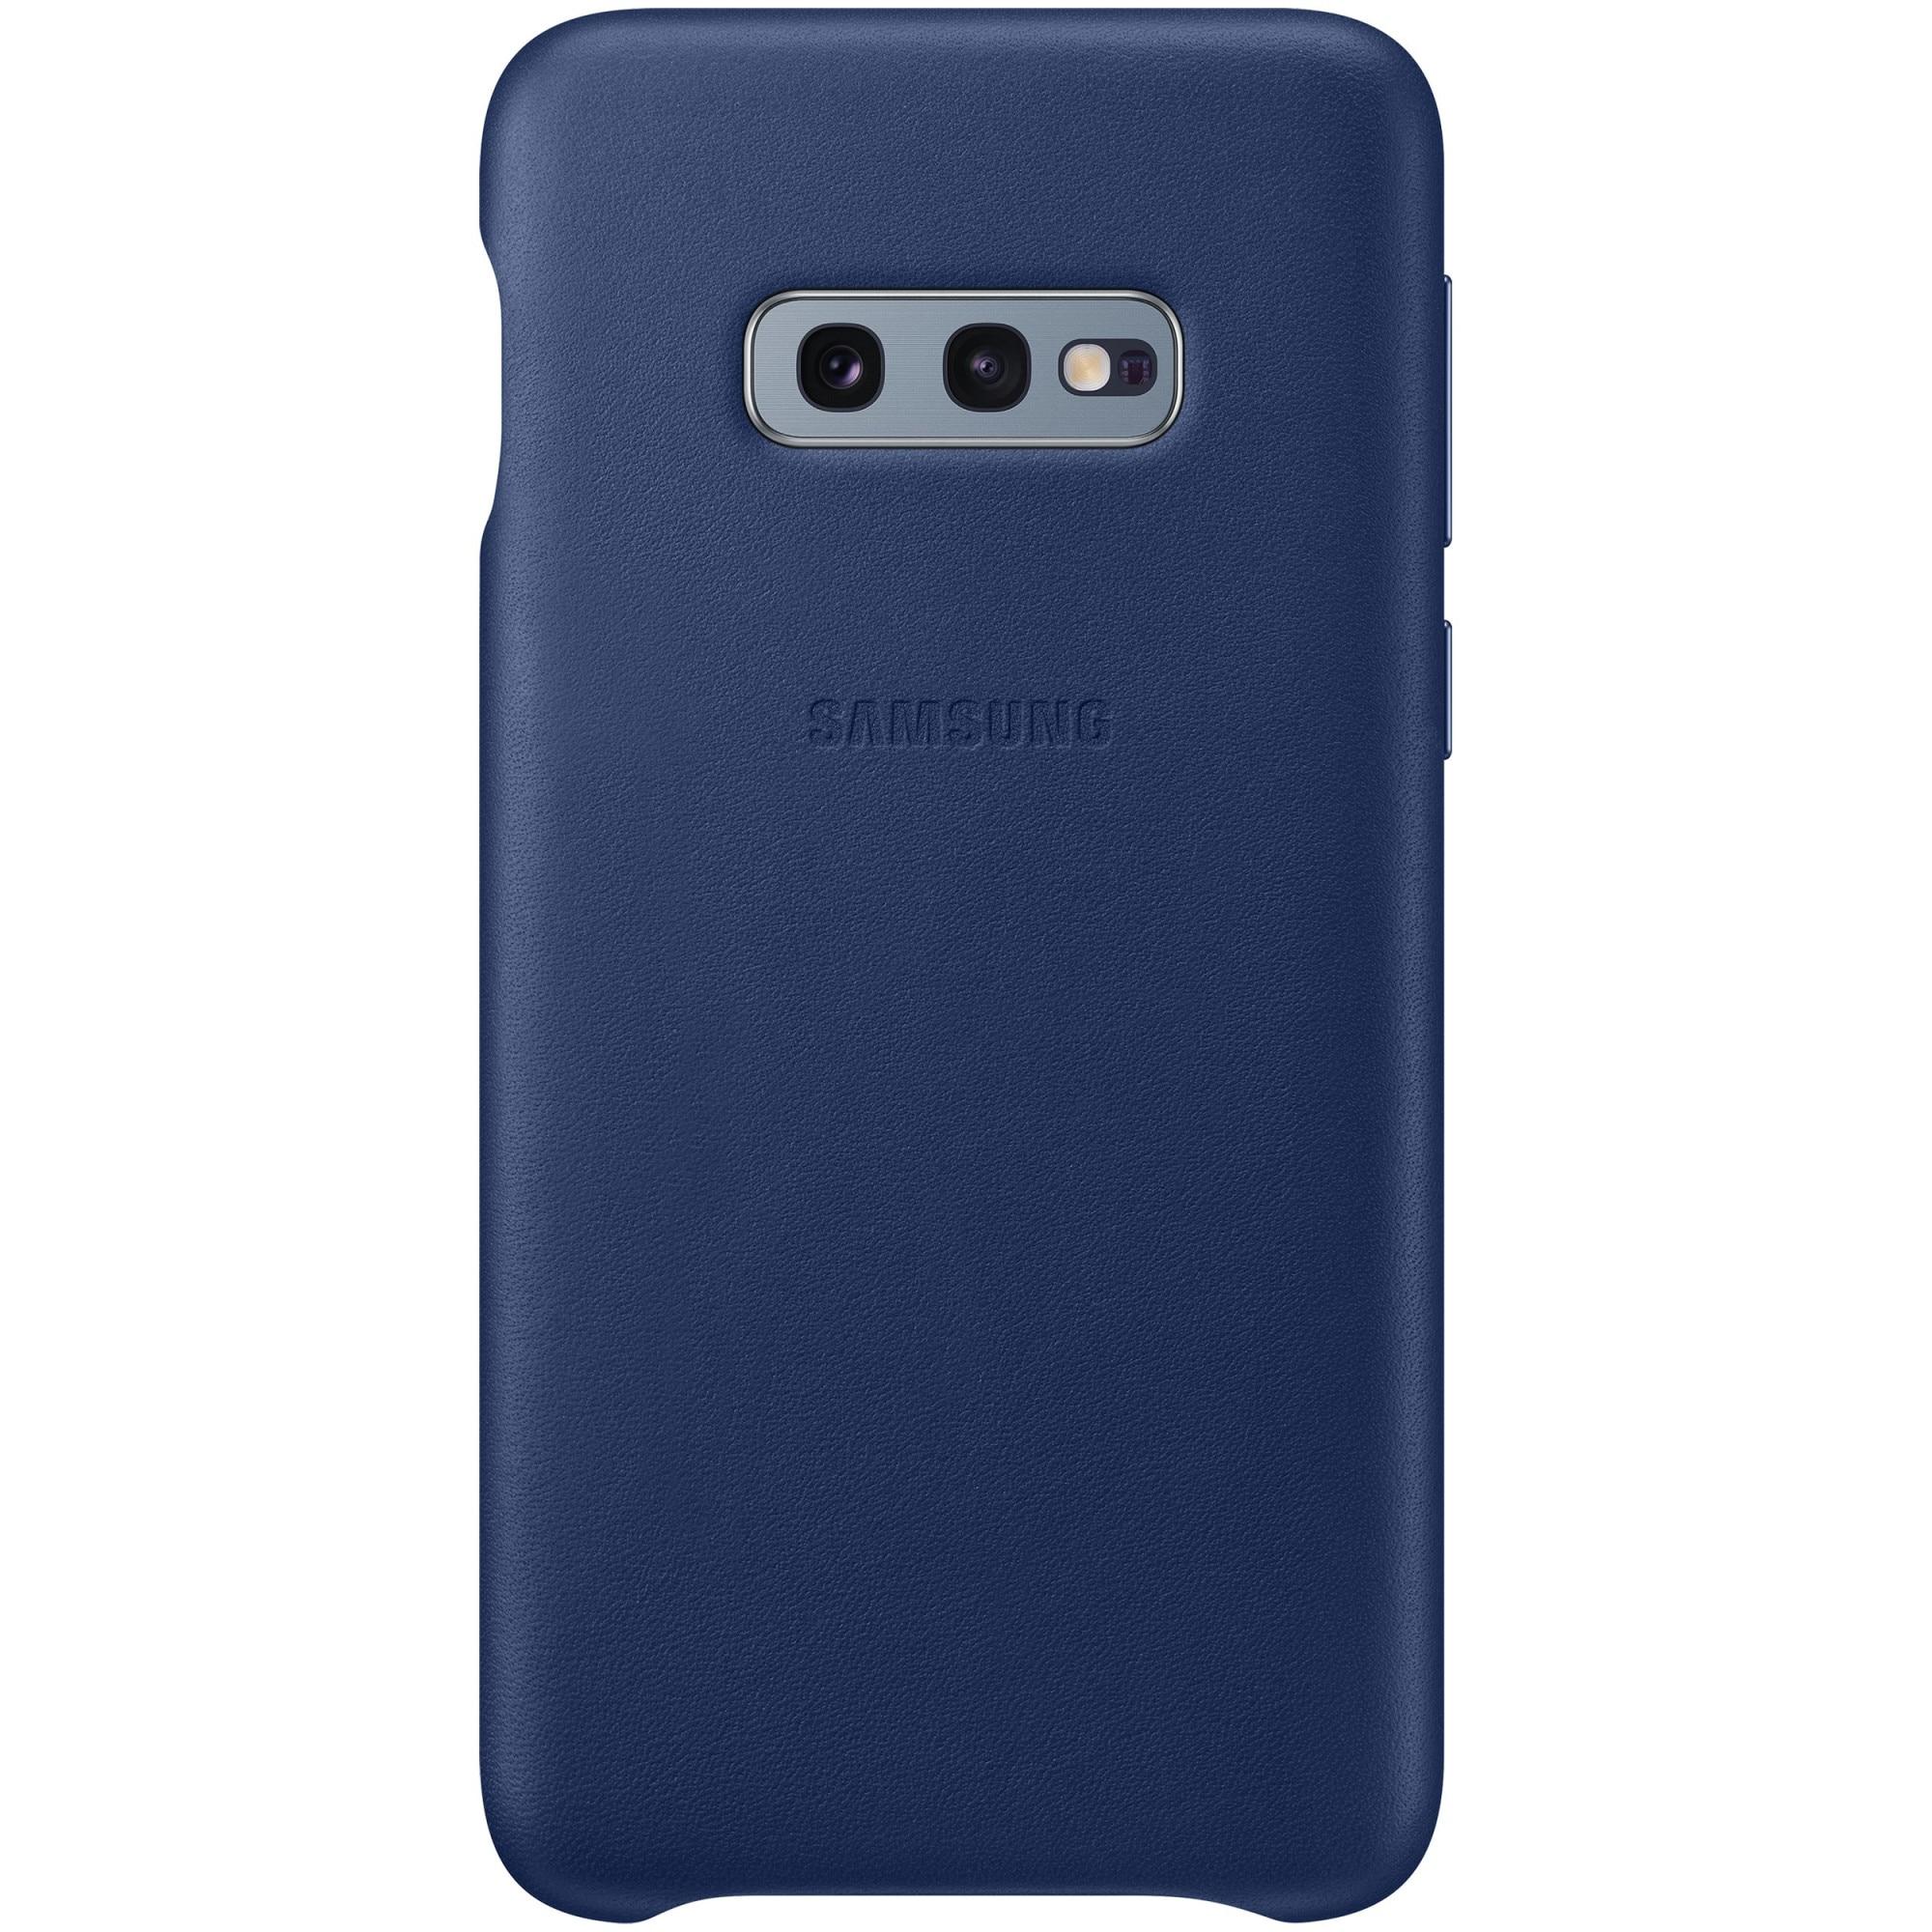 Fotografie Husa de protectie Samsung Leather pentru Galaxy S10e G970, Navy